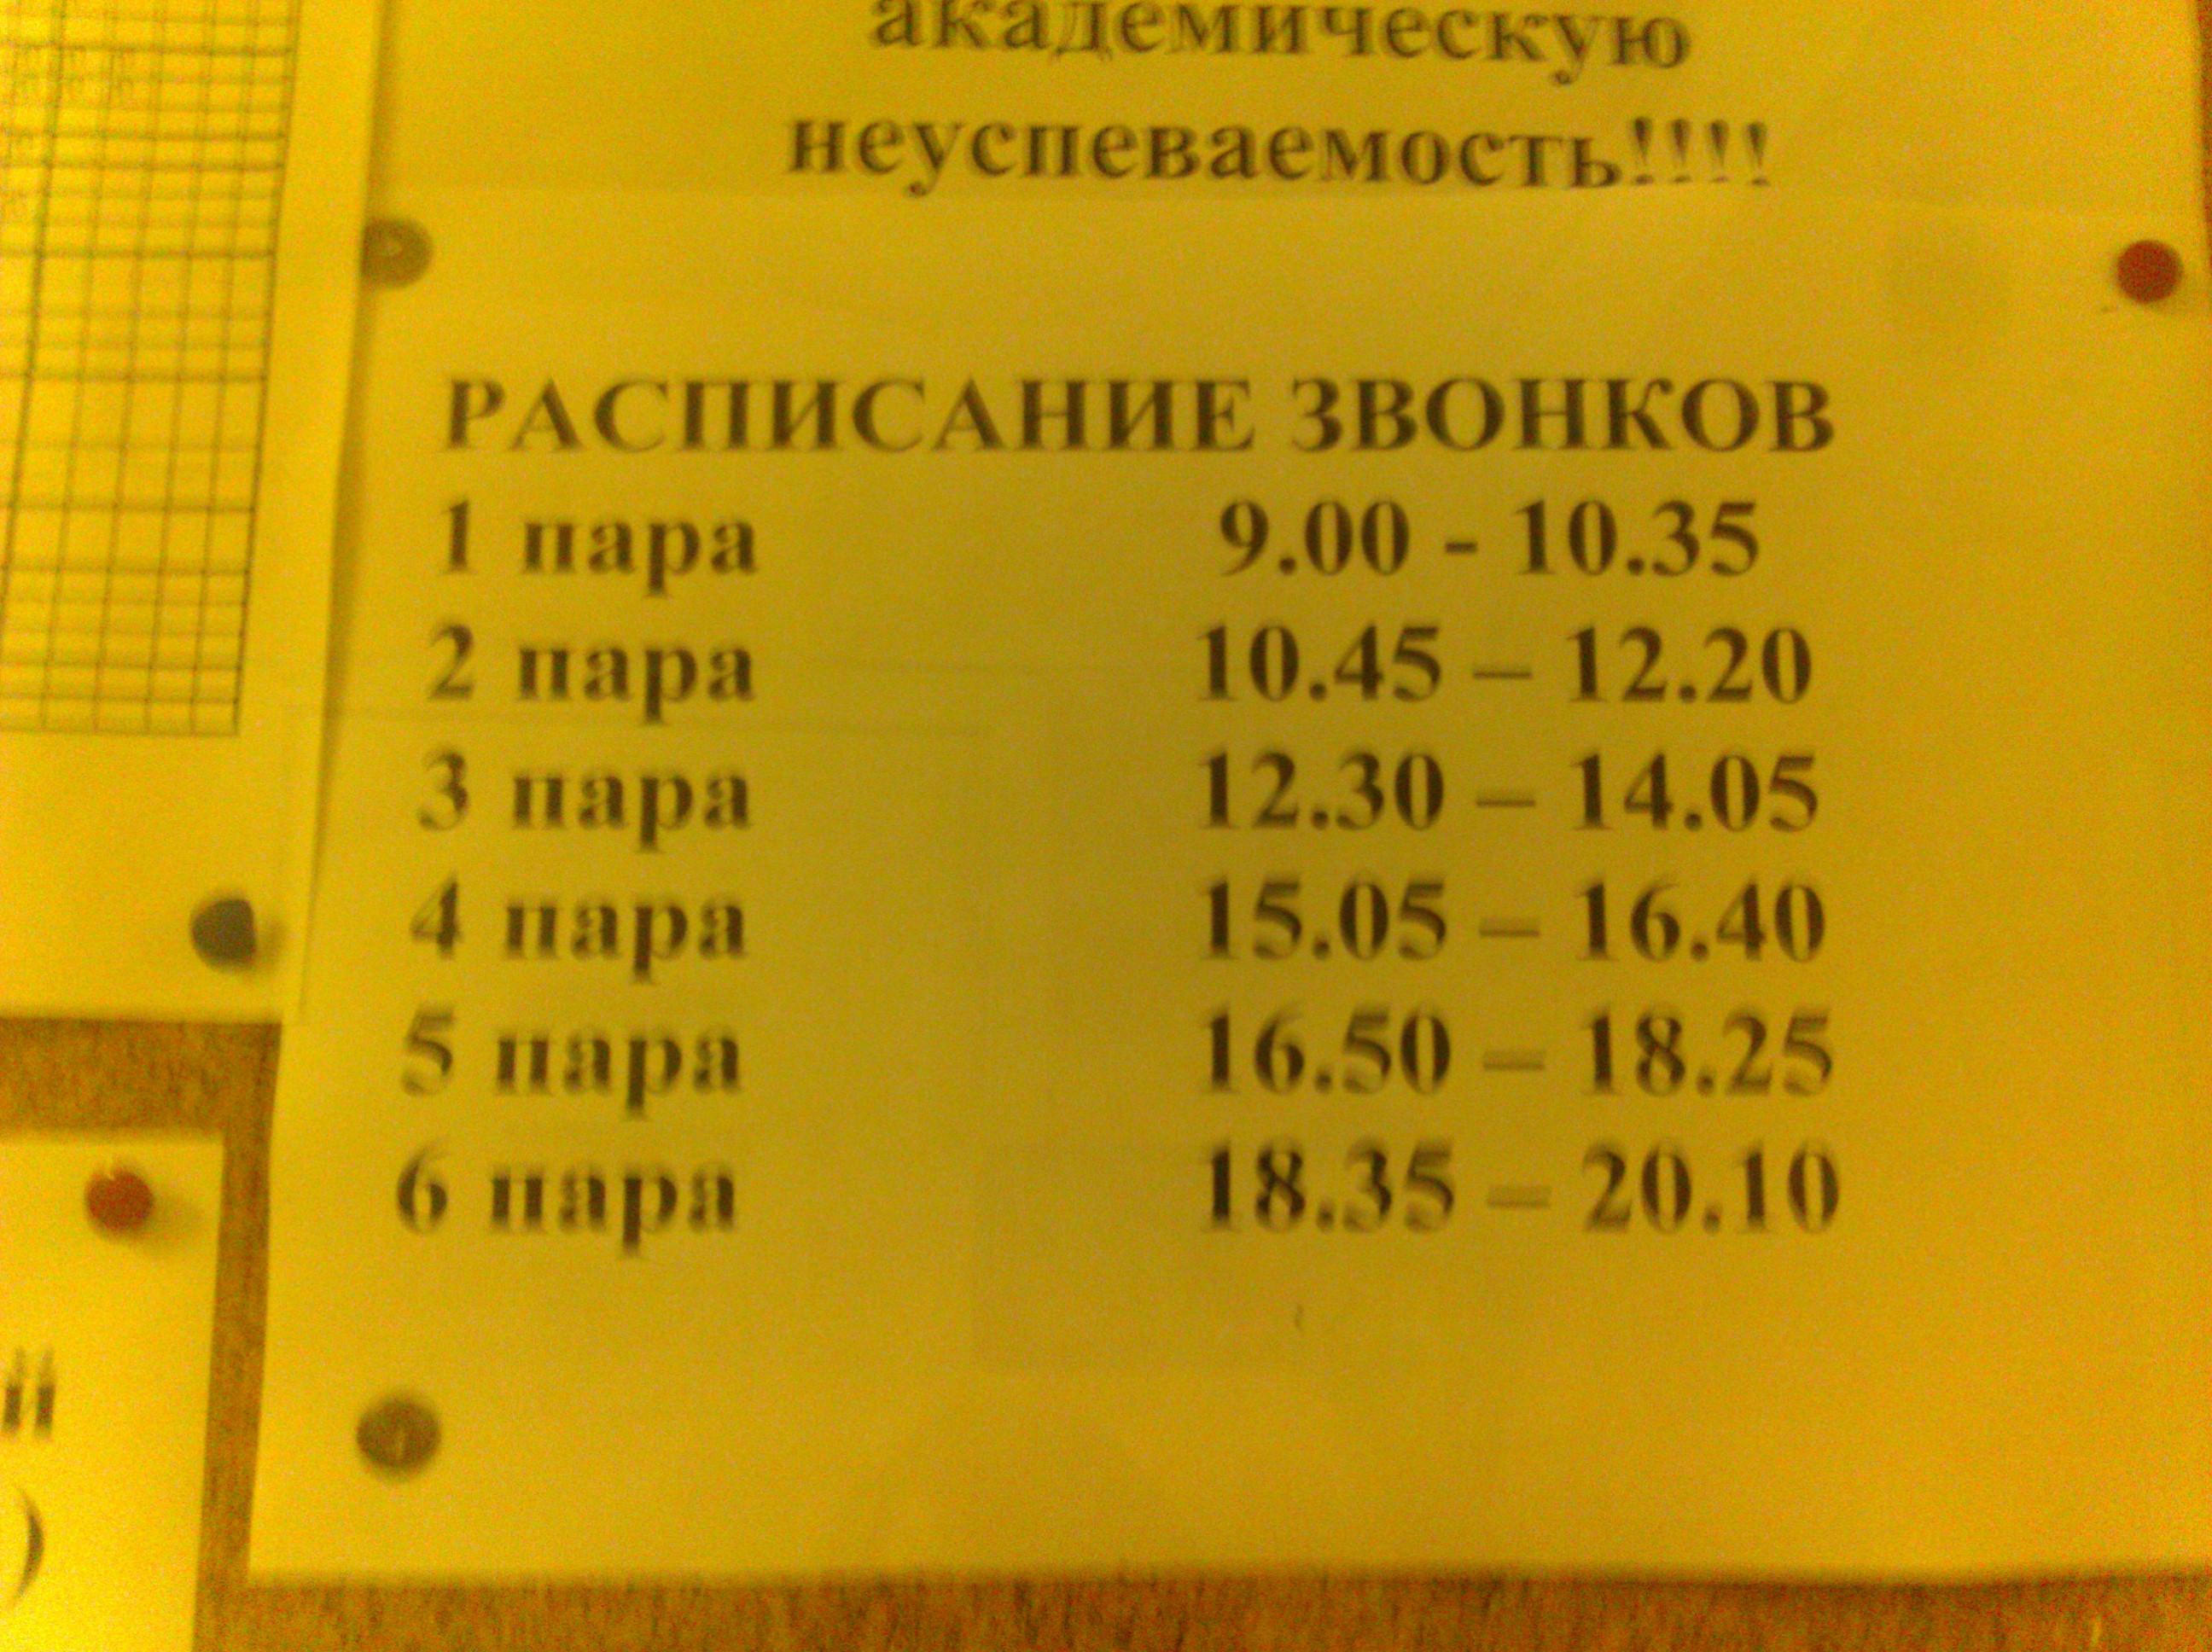 Расписание звонков УГНТУ АСФ